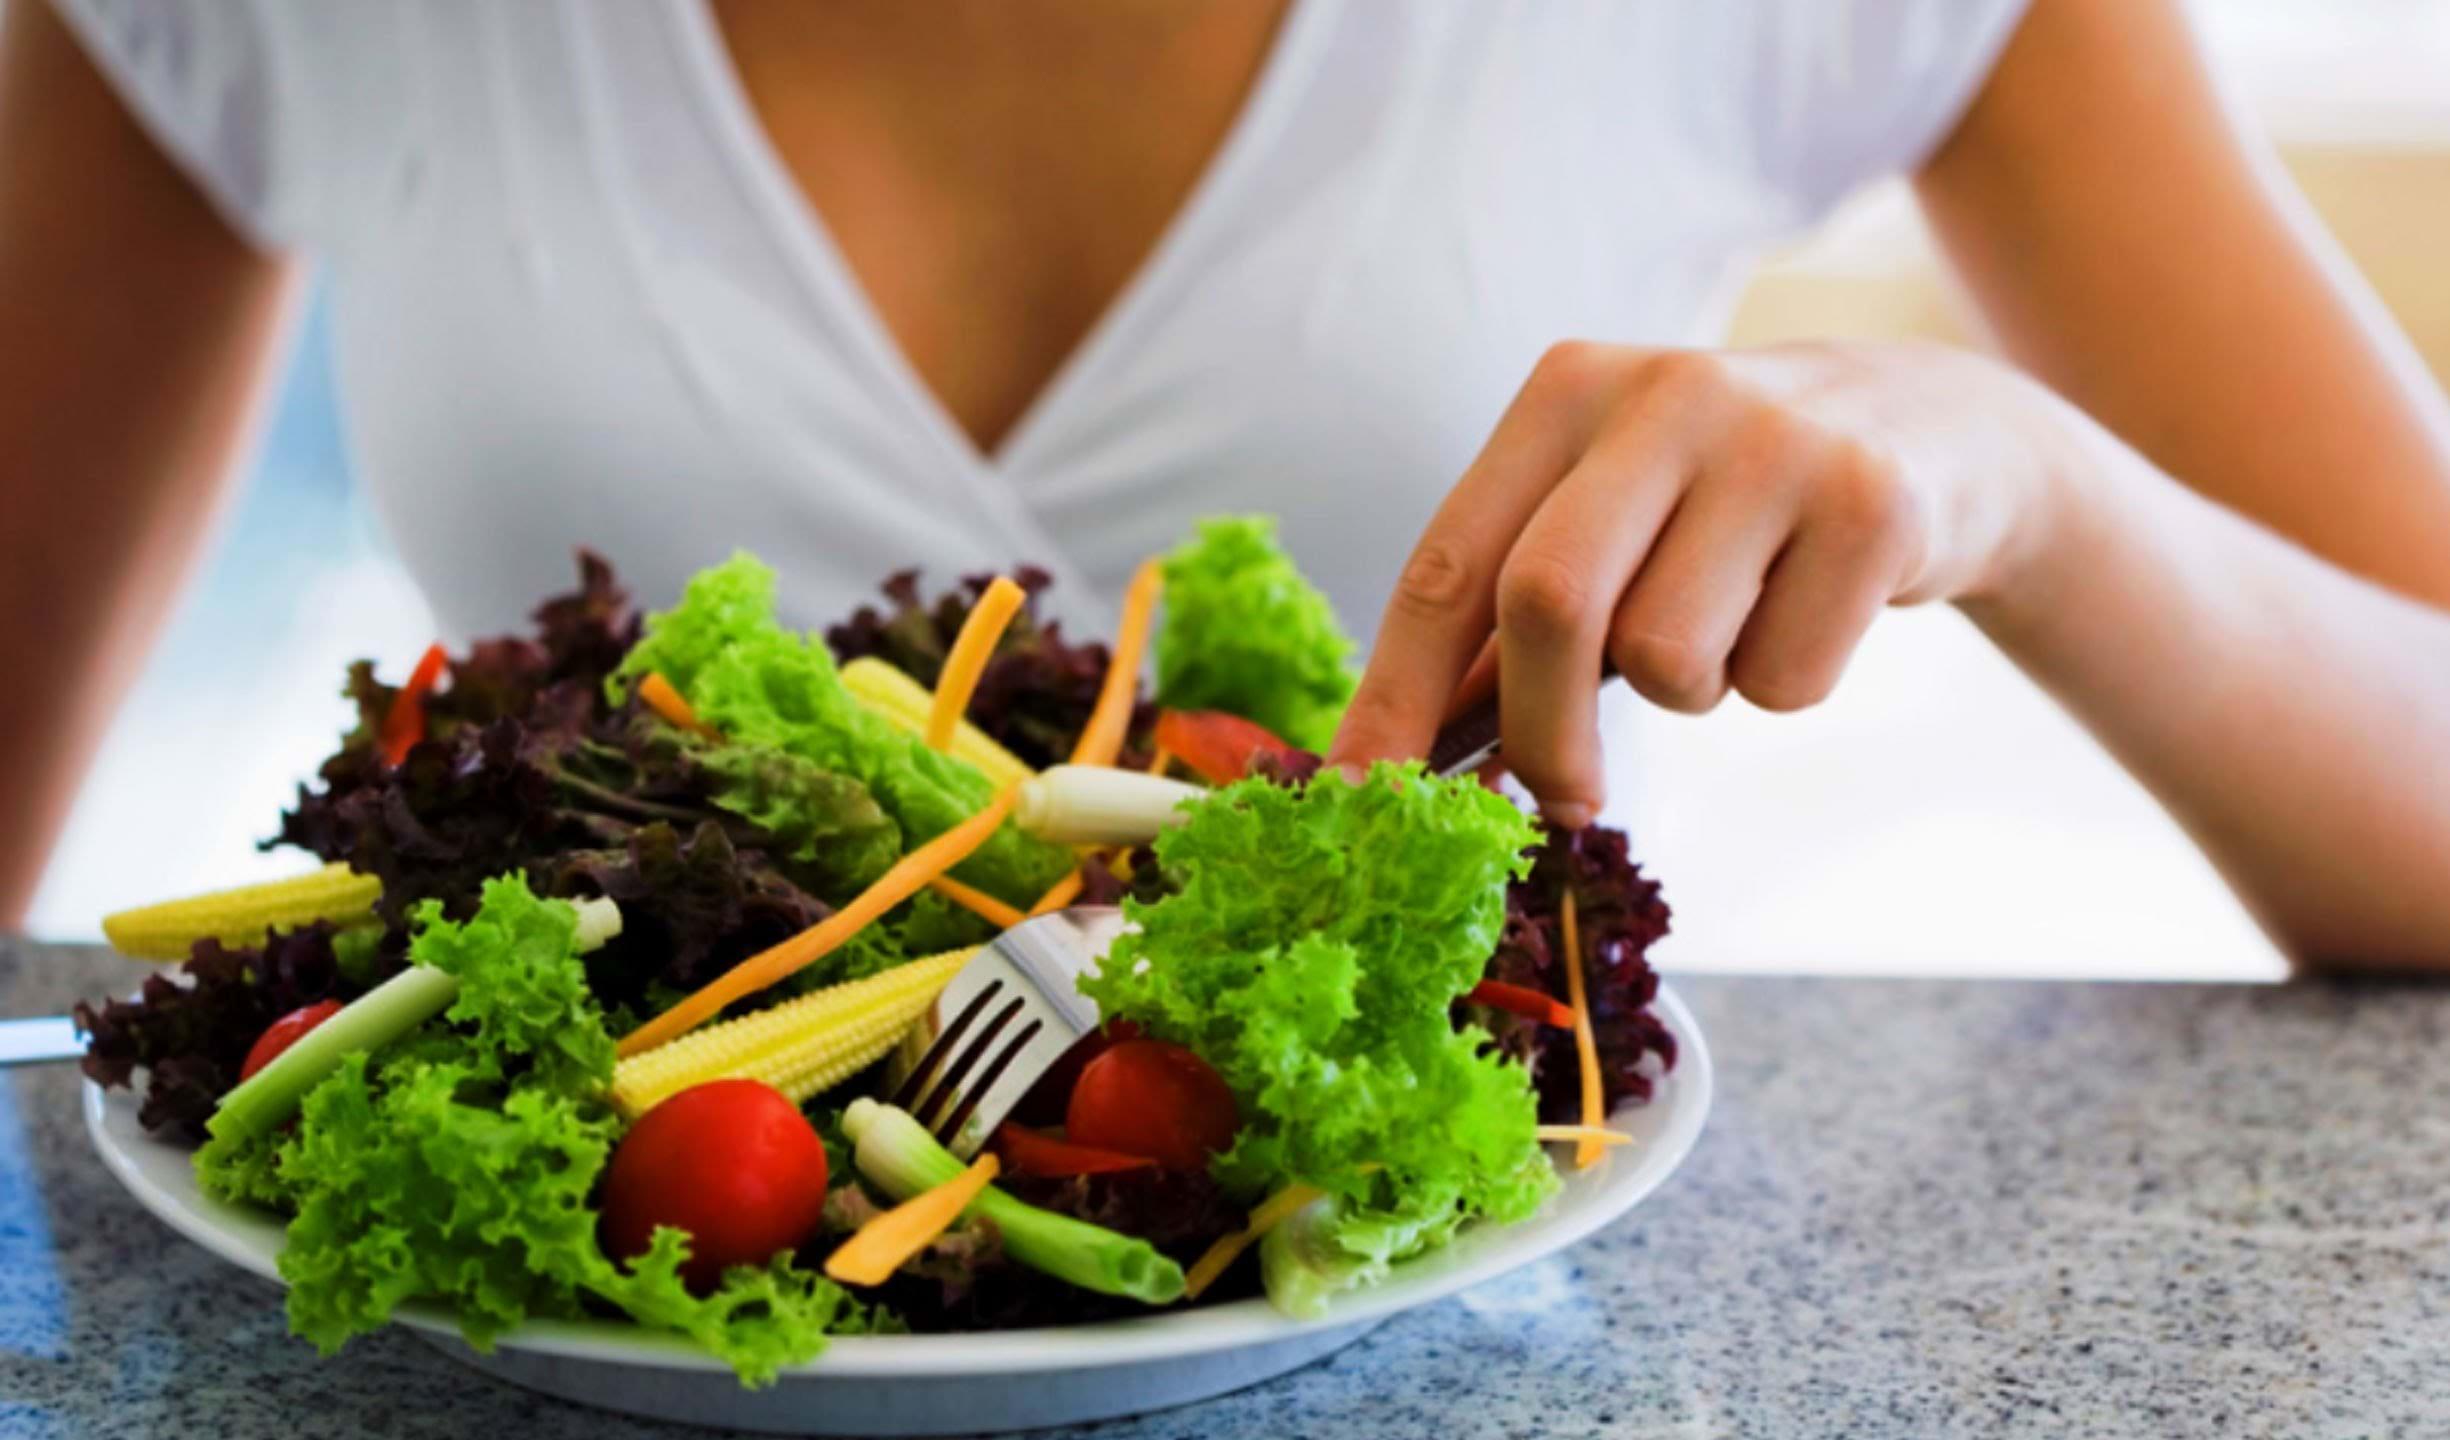 Ăn chay trị gan nhiễm mỡ sẽ làm cơ thể thiếu đạm trầm trọng